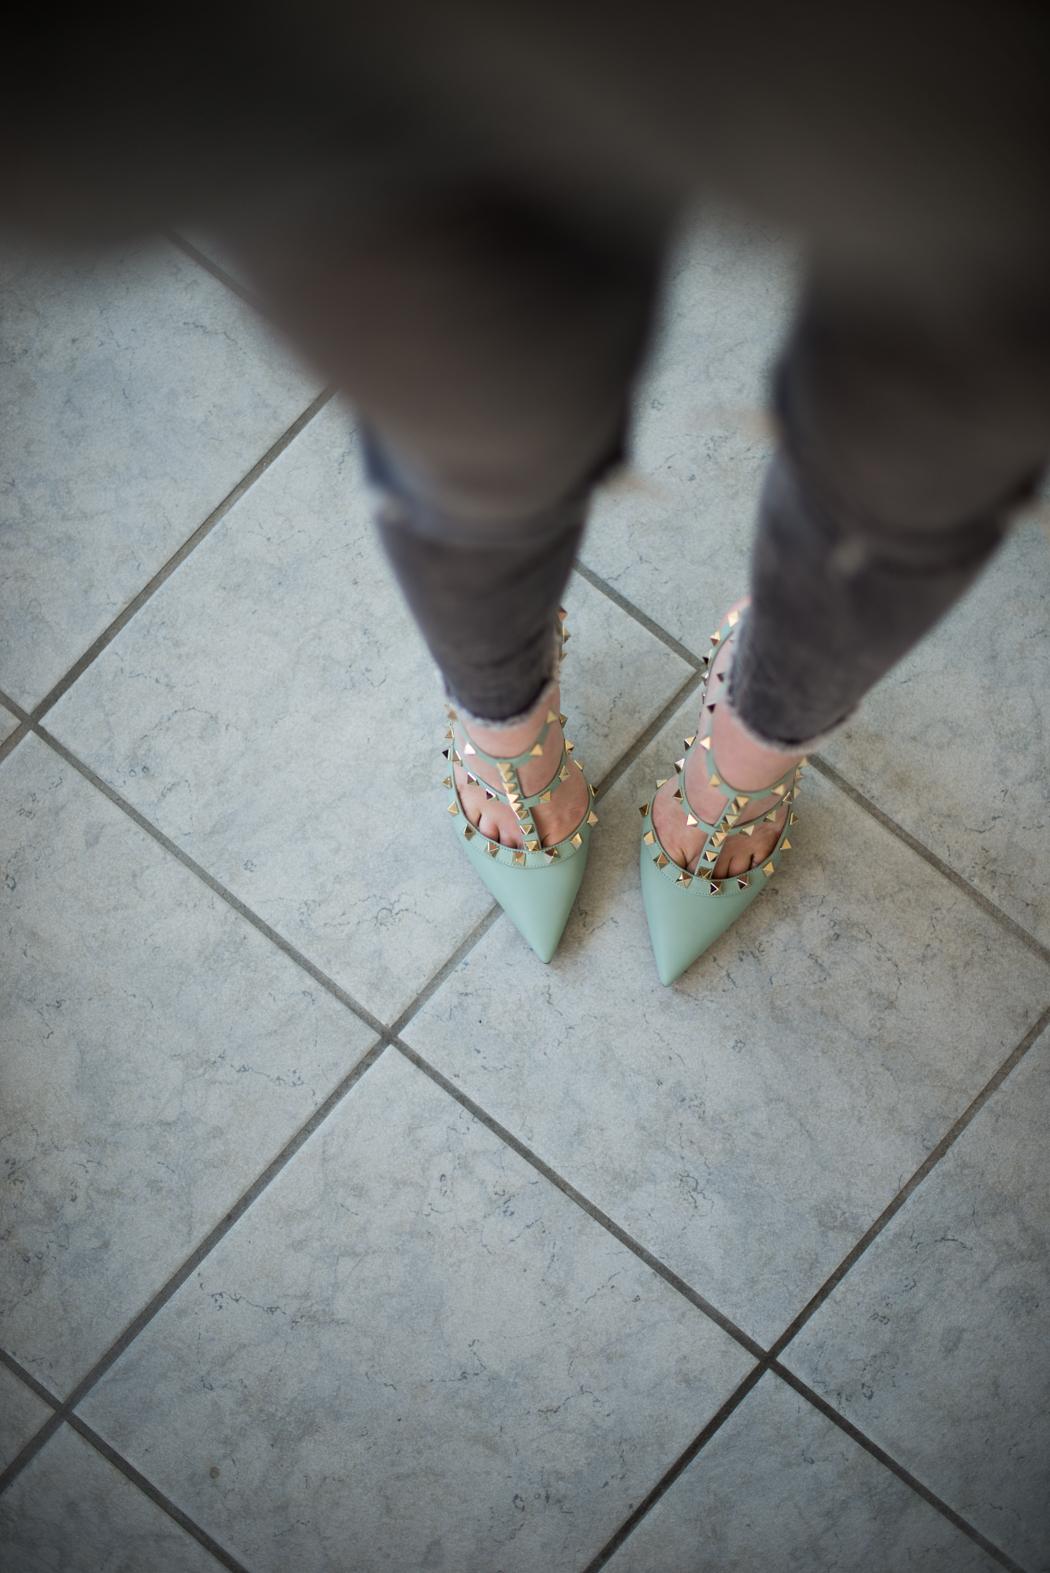 Valentino-Rockstud-mint-water-green-Valentino-Pumps-Schuhe-Highheels-Fashionblogger-München-Fashionblog-Deutschland-4